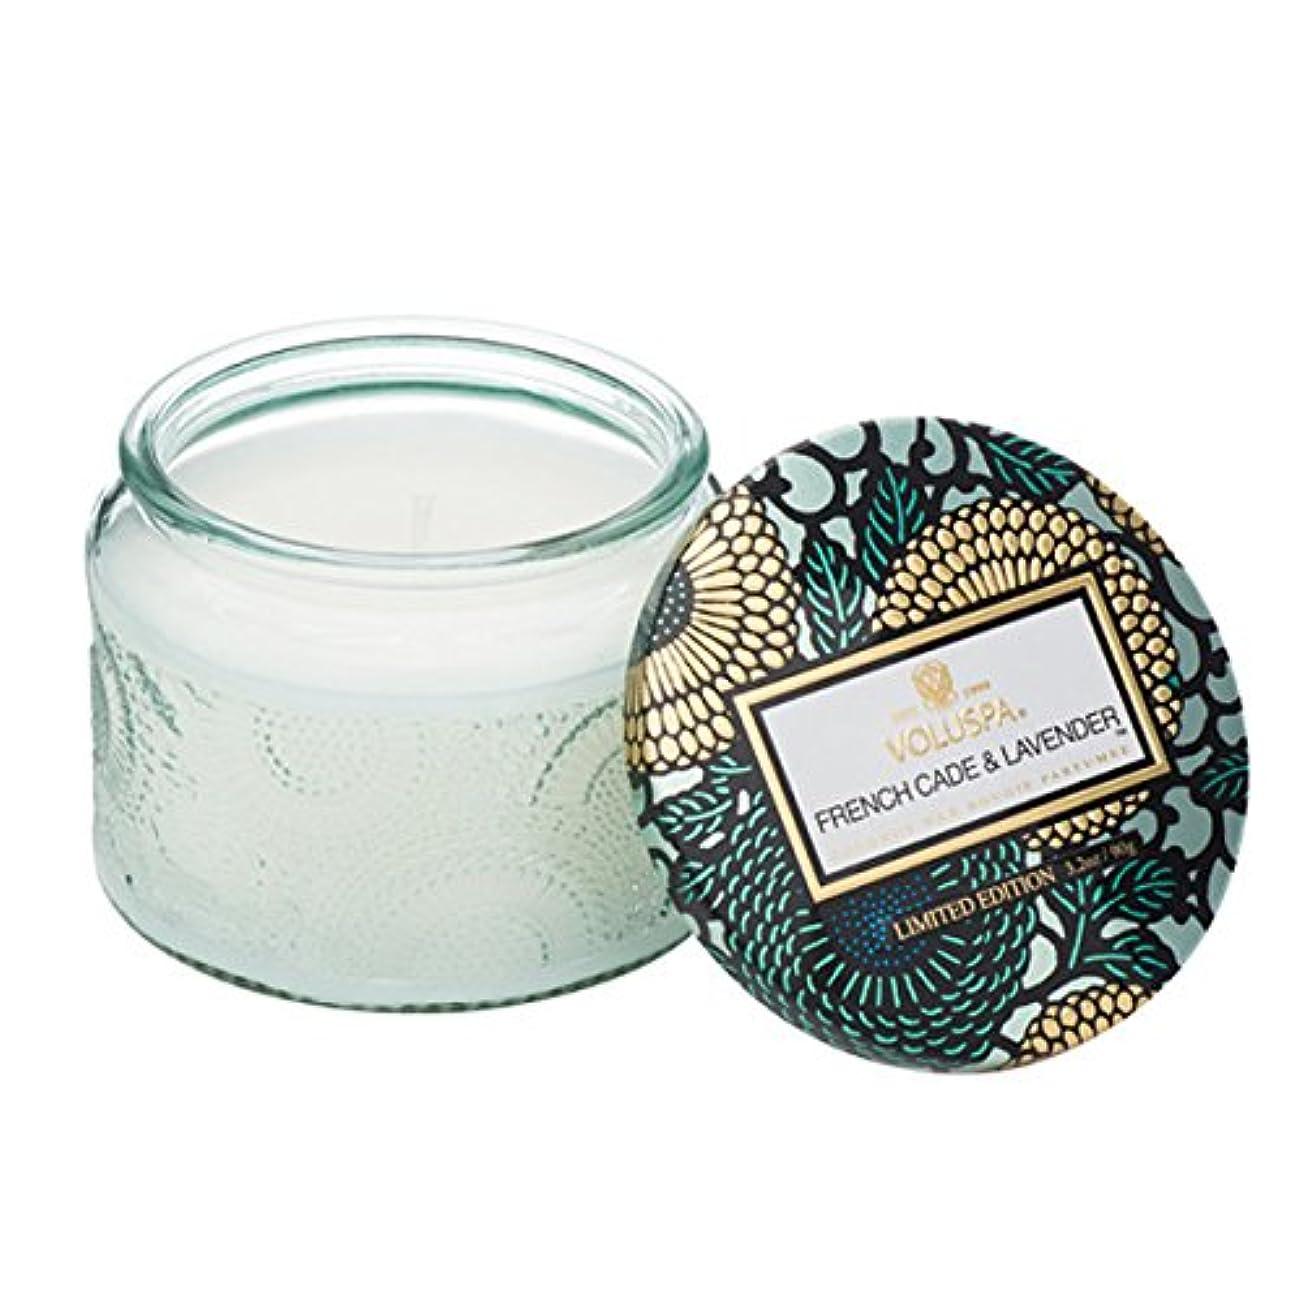 アレルギー性買い手開発Voluspa ボルスパ ジャポニカ リミテッド グラスジャーキャンドル  S フレンチケード&ラベンダー FRENCH CADE LAVENDER  JAPONICA Limited PETITE EMBOSSED Glass jar candle